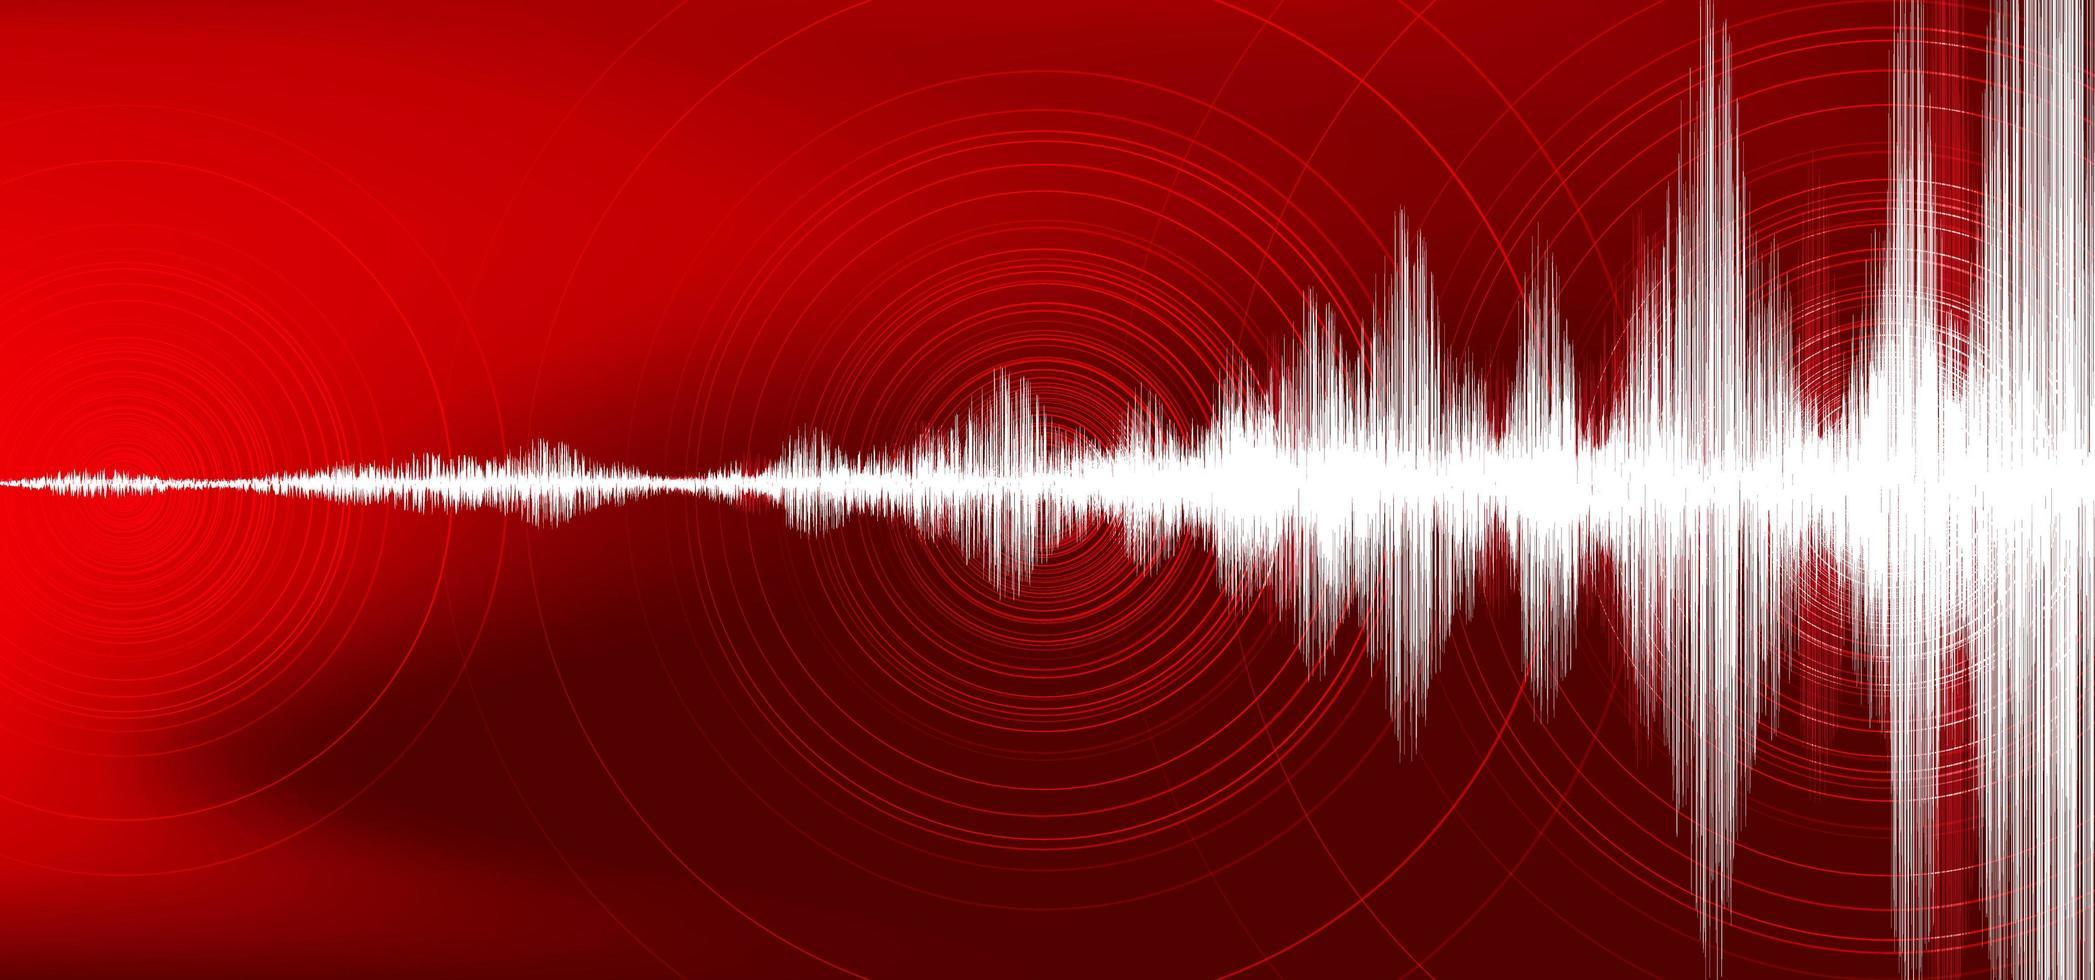 onda di terremoto digitale con vibrazione del cerchio su sfondo rosso scuro, concetto di diagramma dell'onda audio, design per l'istruzione e la scienza, illustrazione vettoriale. vettore